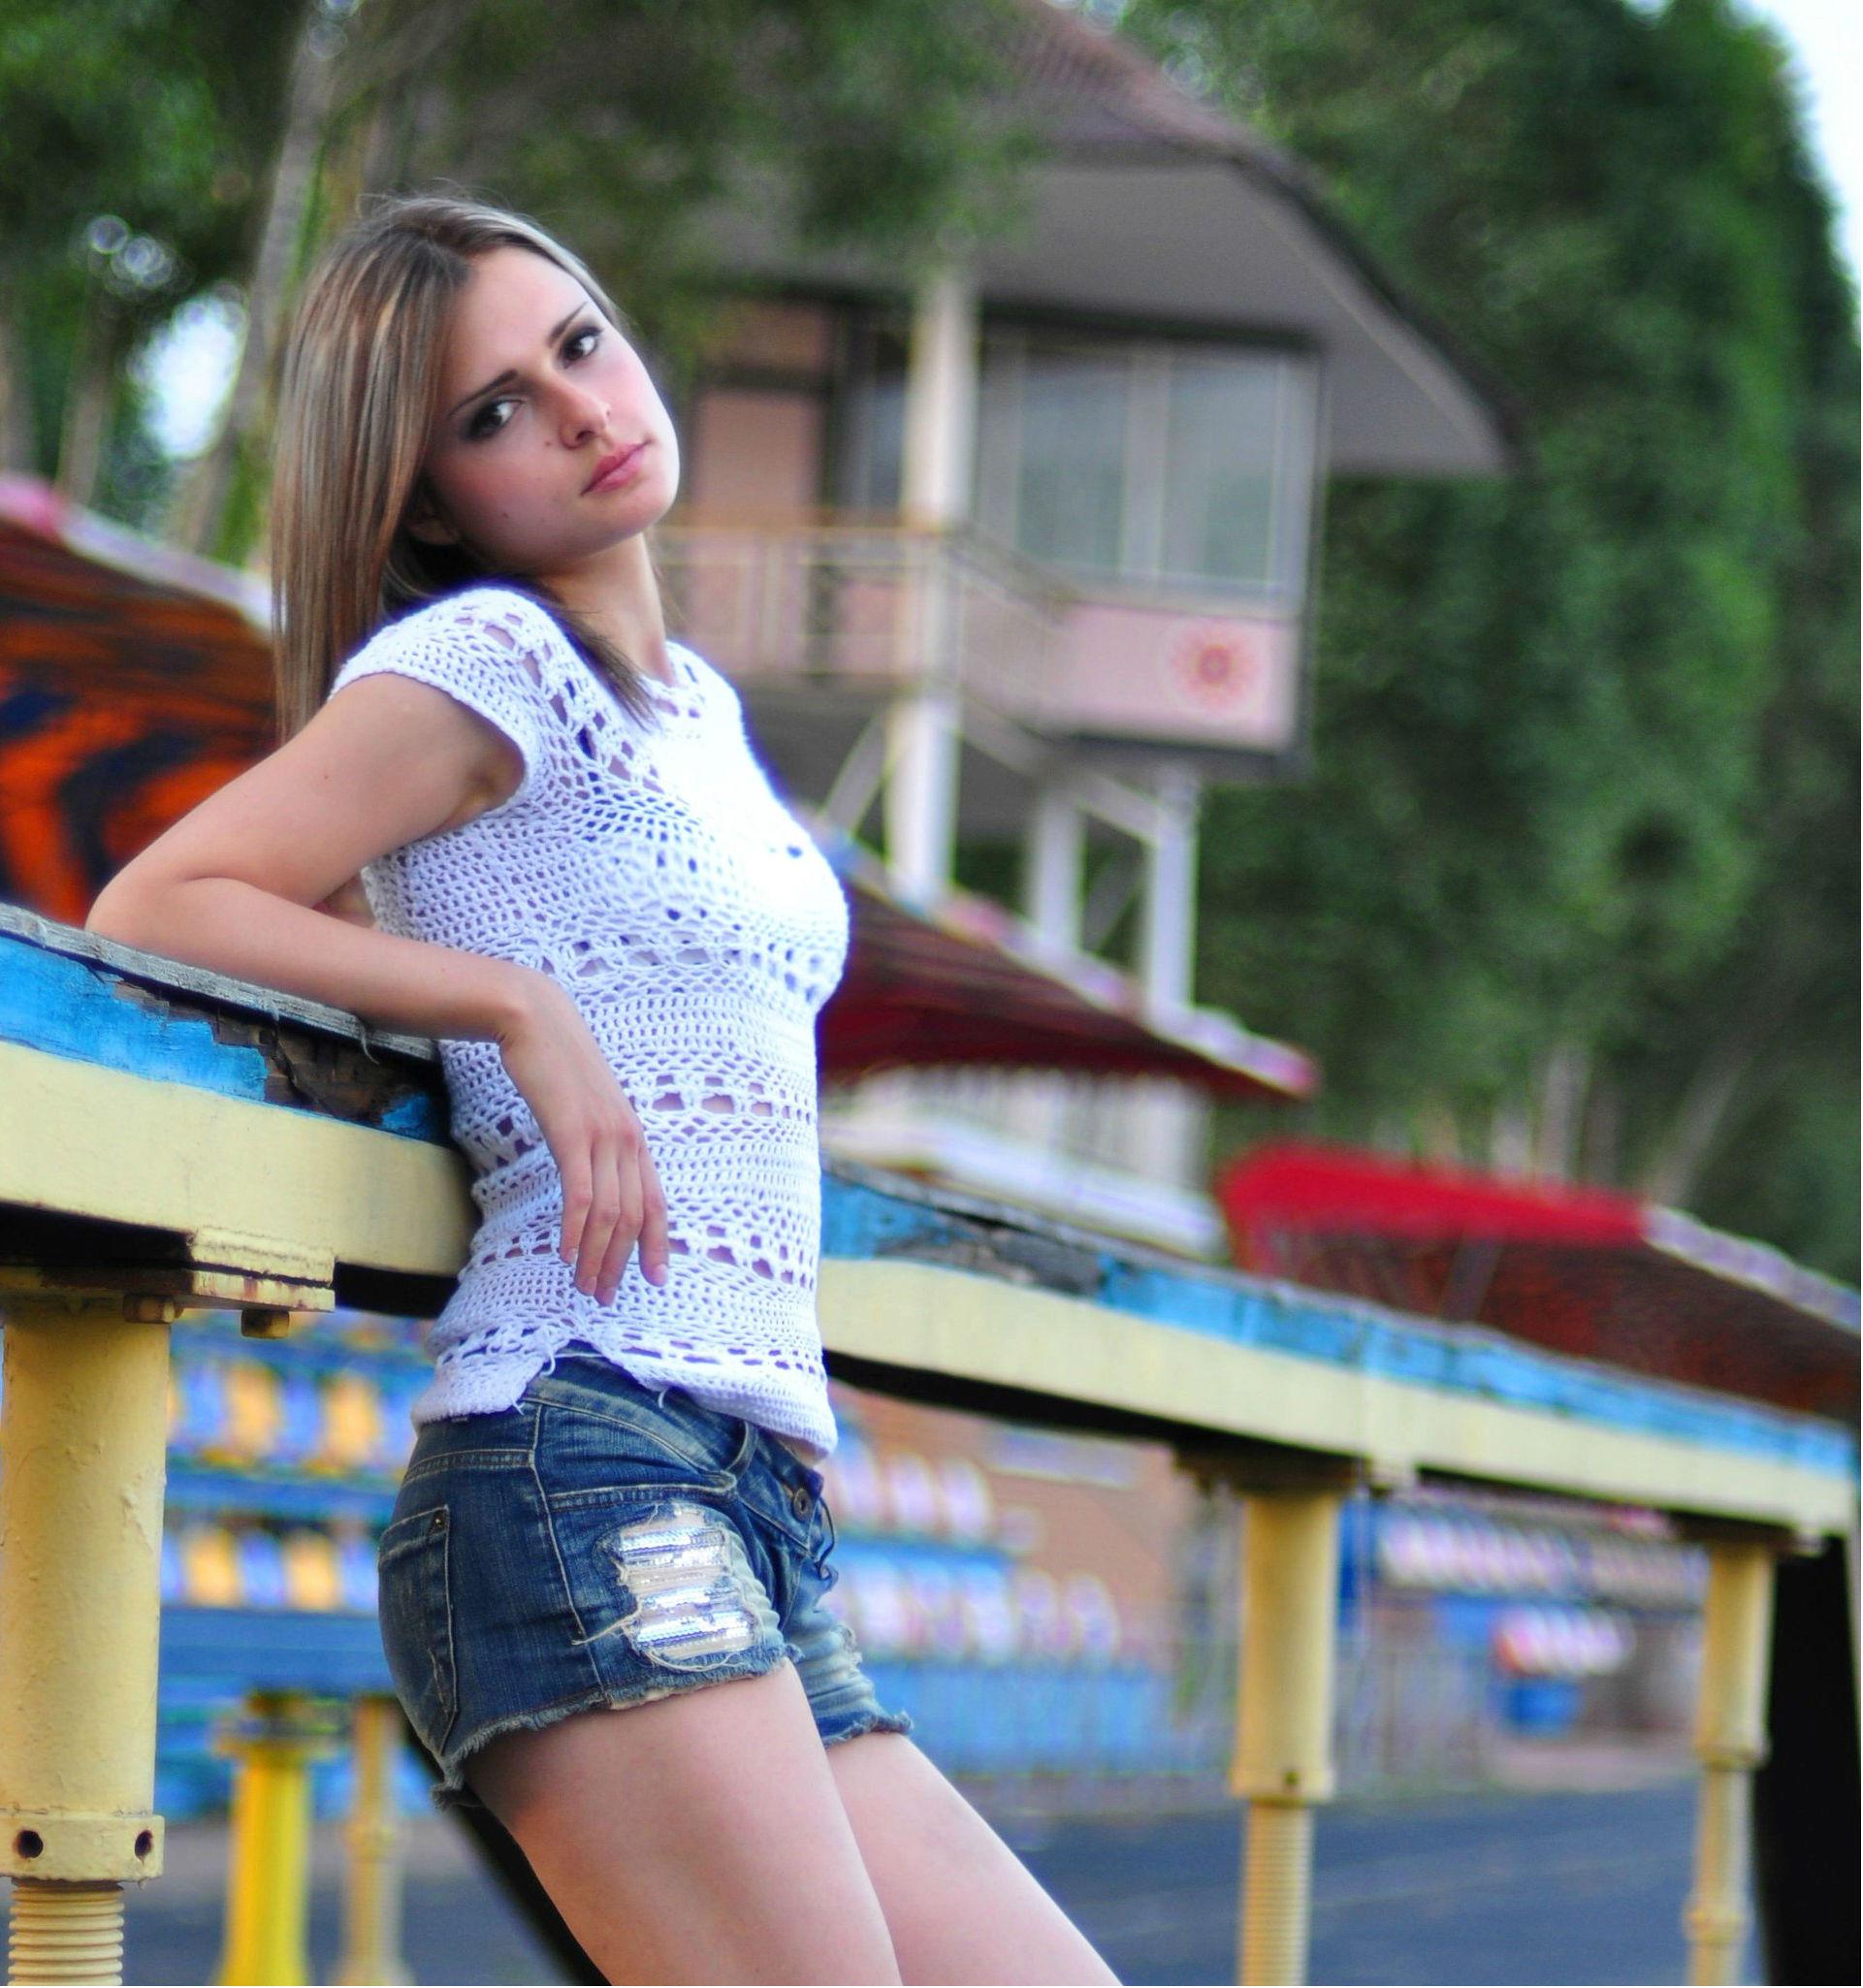 Девушка возле стадиона в шортах